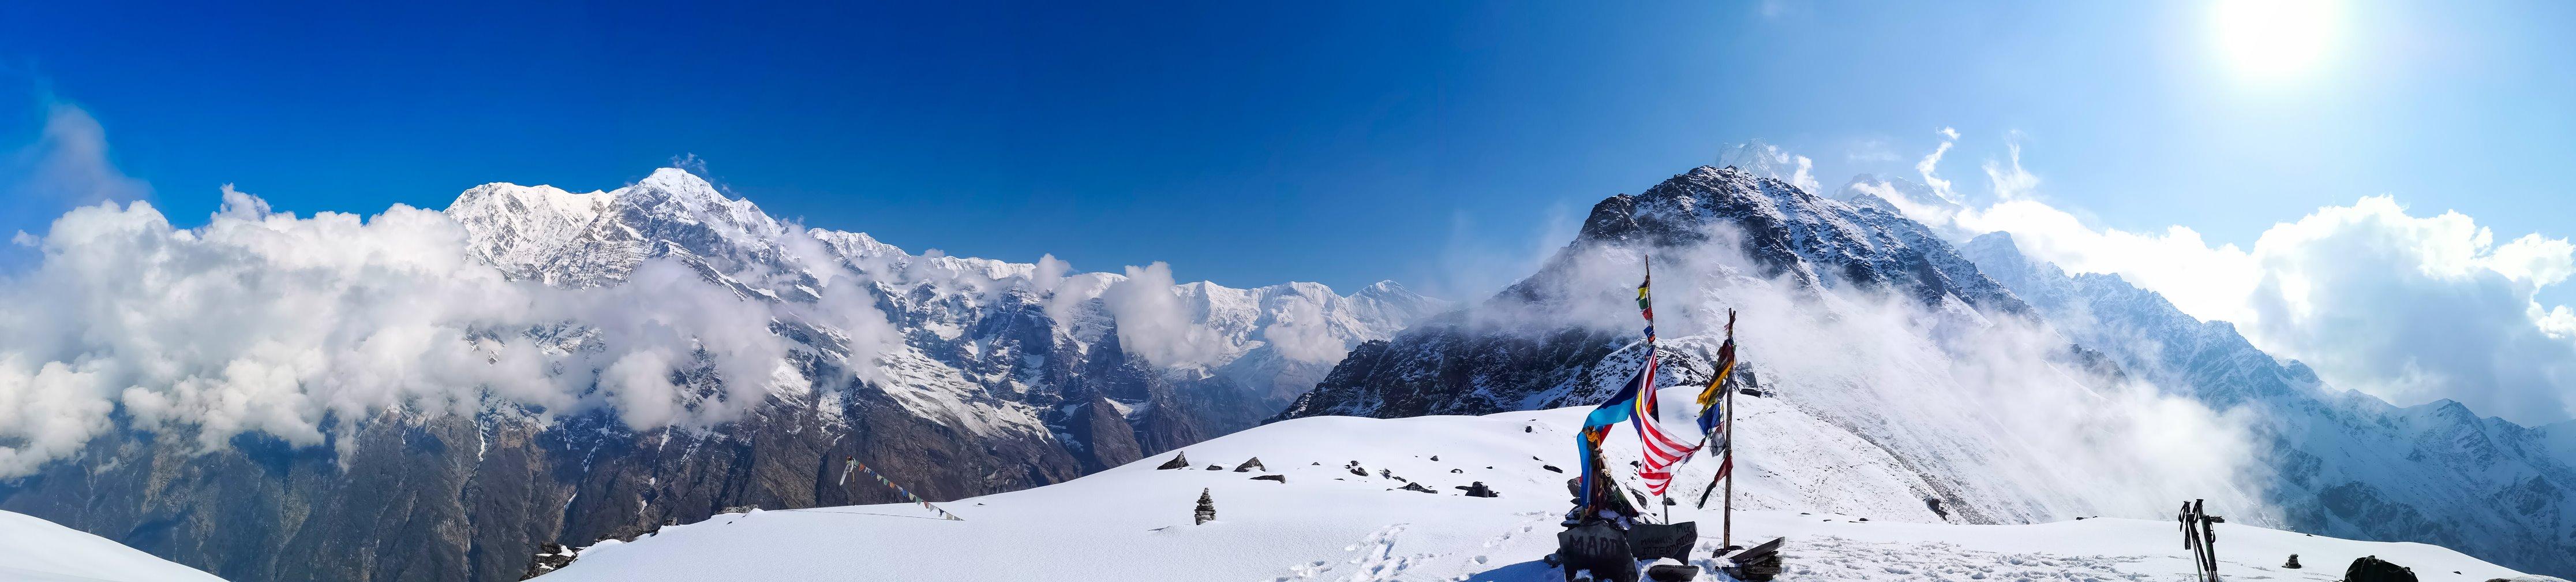 Mardi Himal base camp at 4.500 AMSL